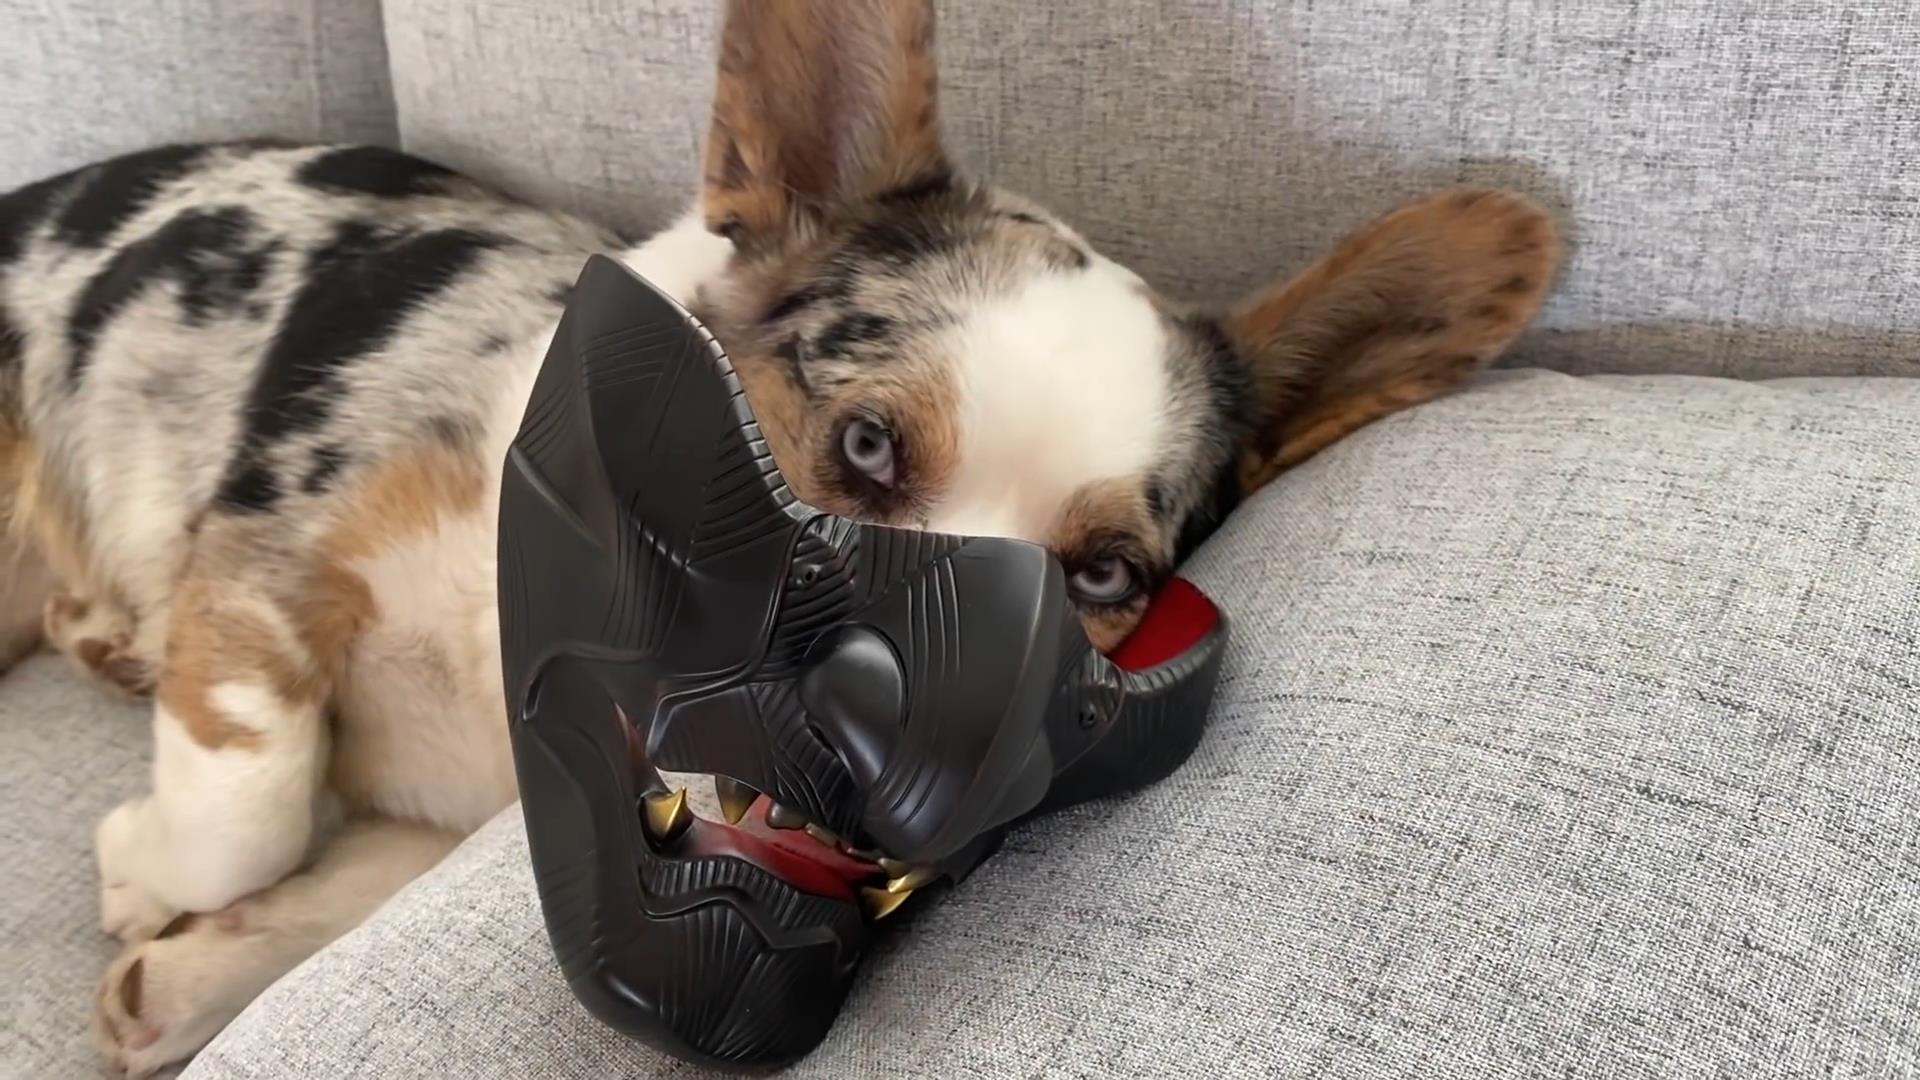 《对马岛之鬼》实体典藏版开箱视频 狗狗戴面具好酷